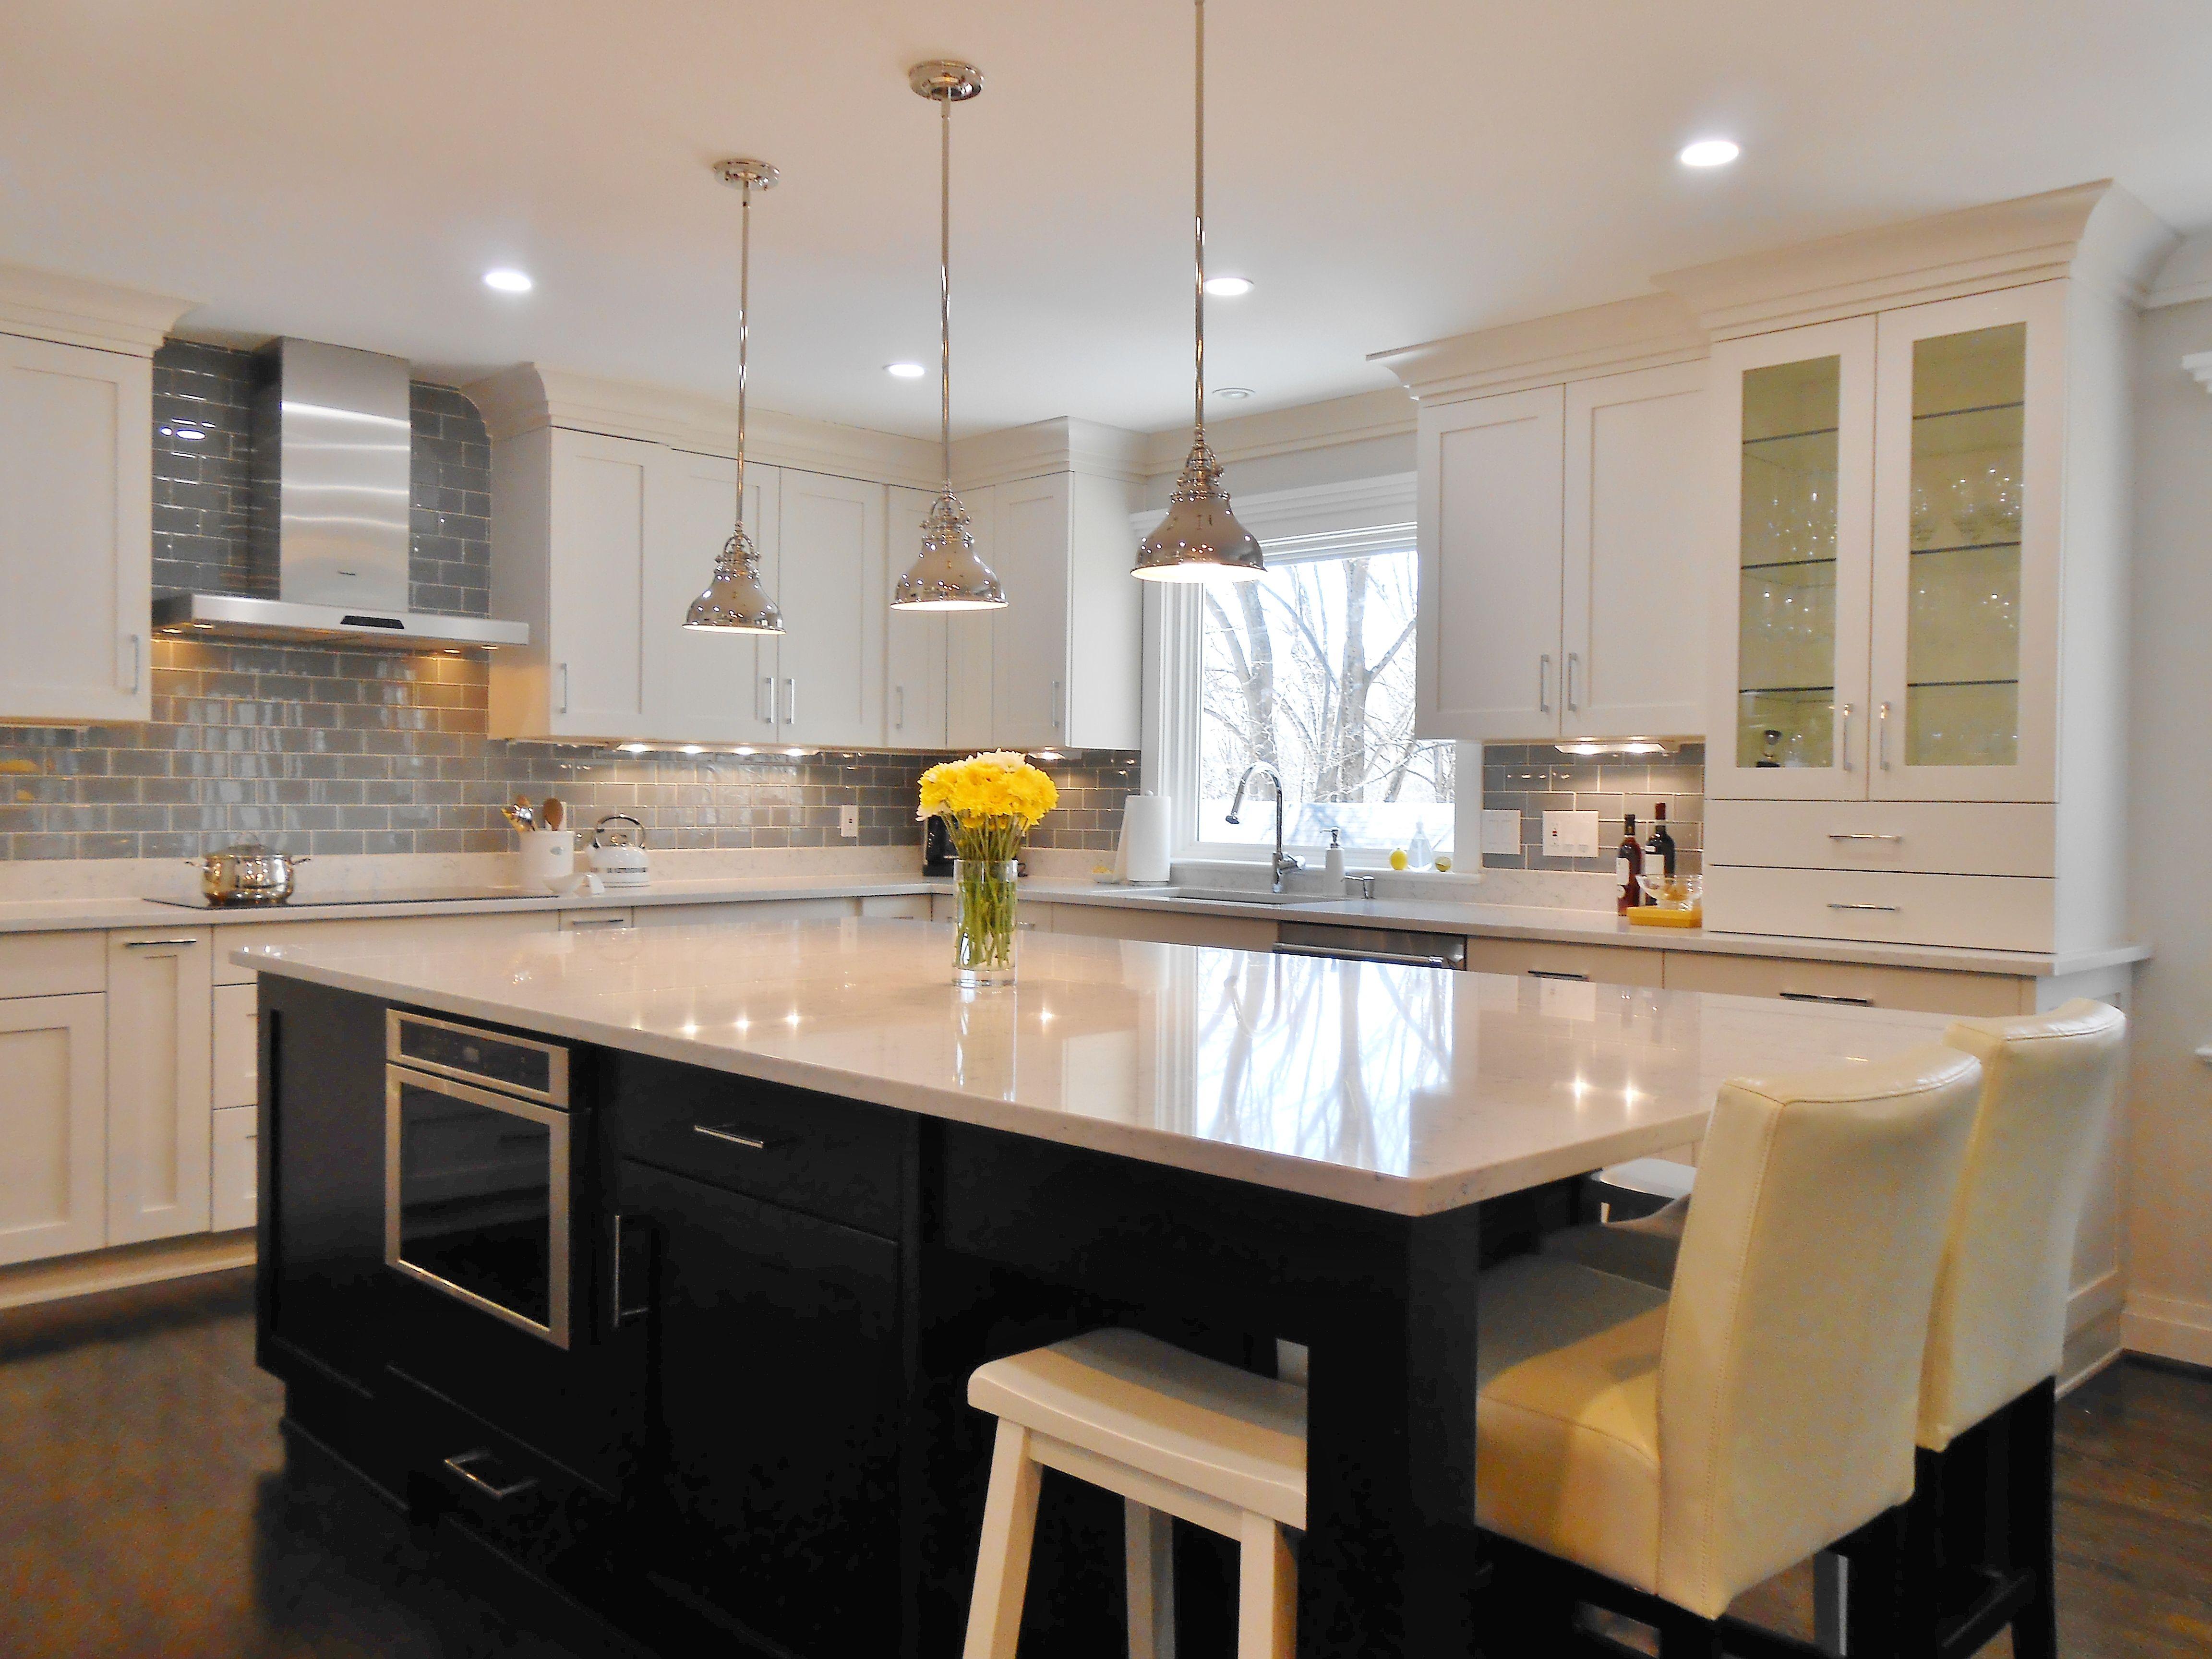 St Martin Cabinets Kitchen Cabinet Design Kitchen Design Kitchen And Bath